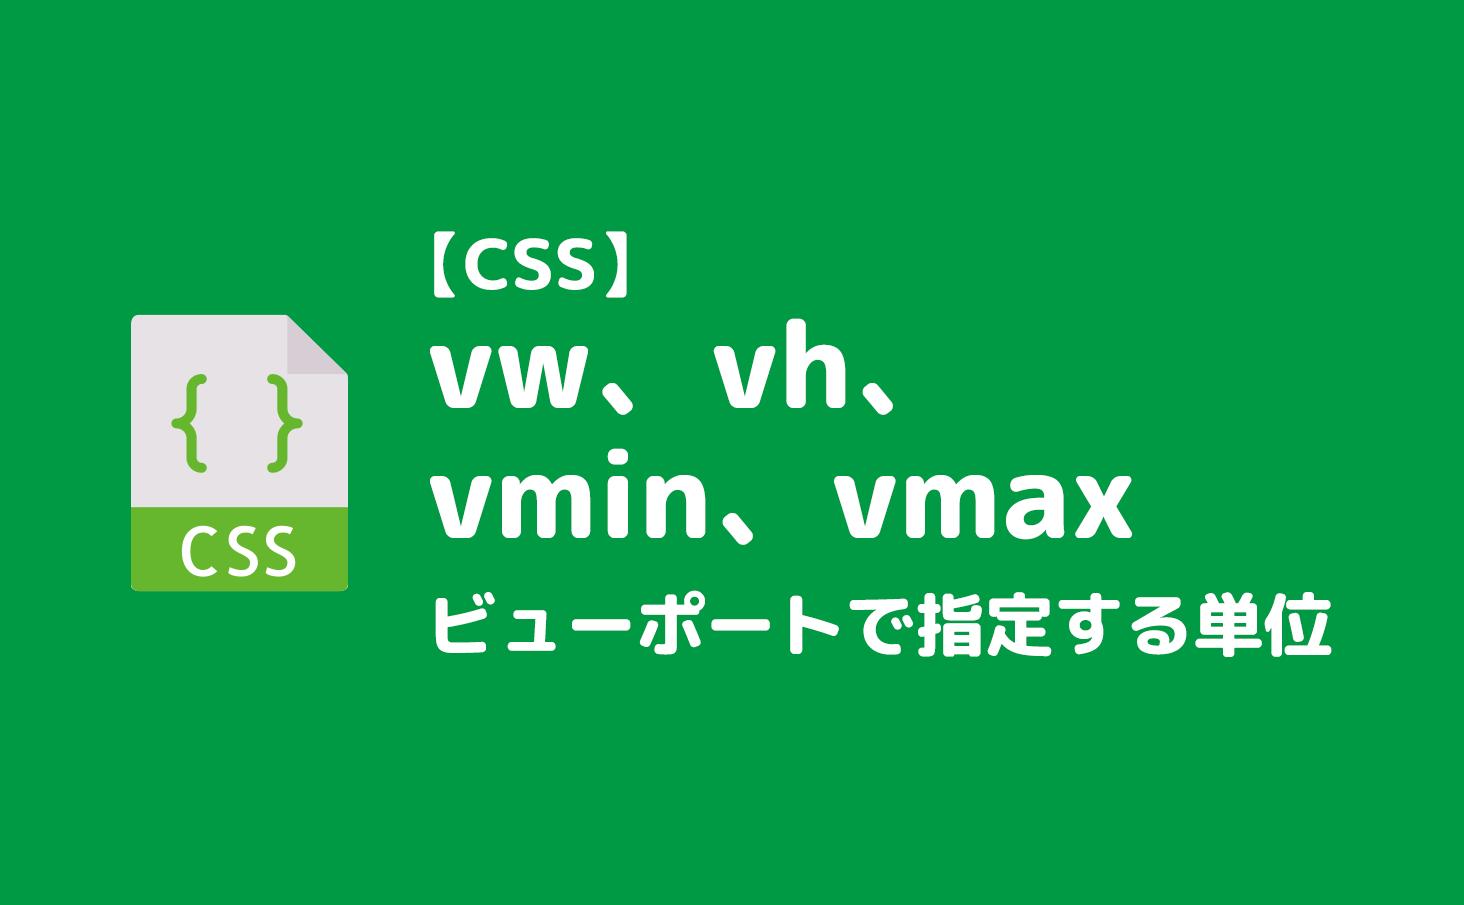 vw、vh、vmin、vmax